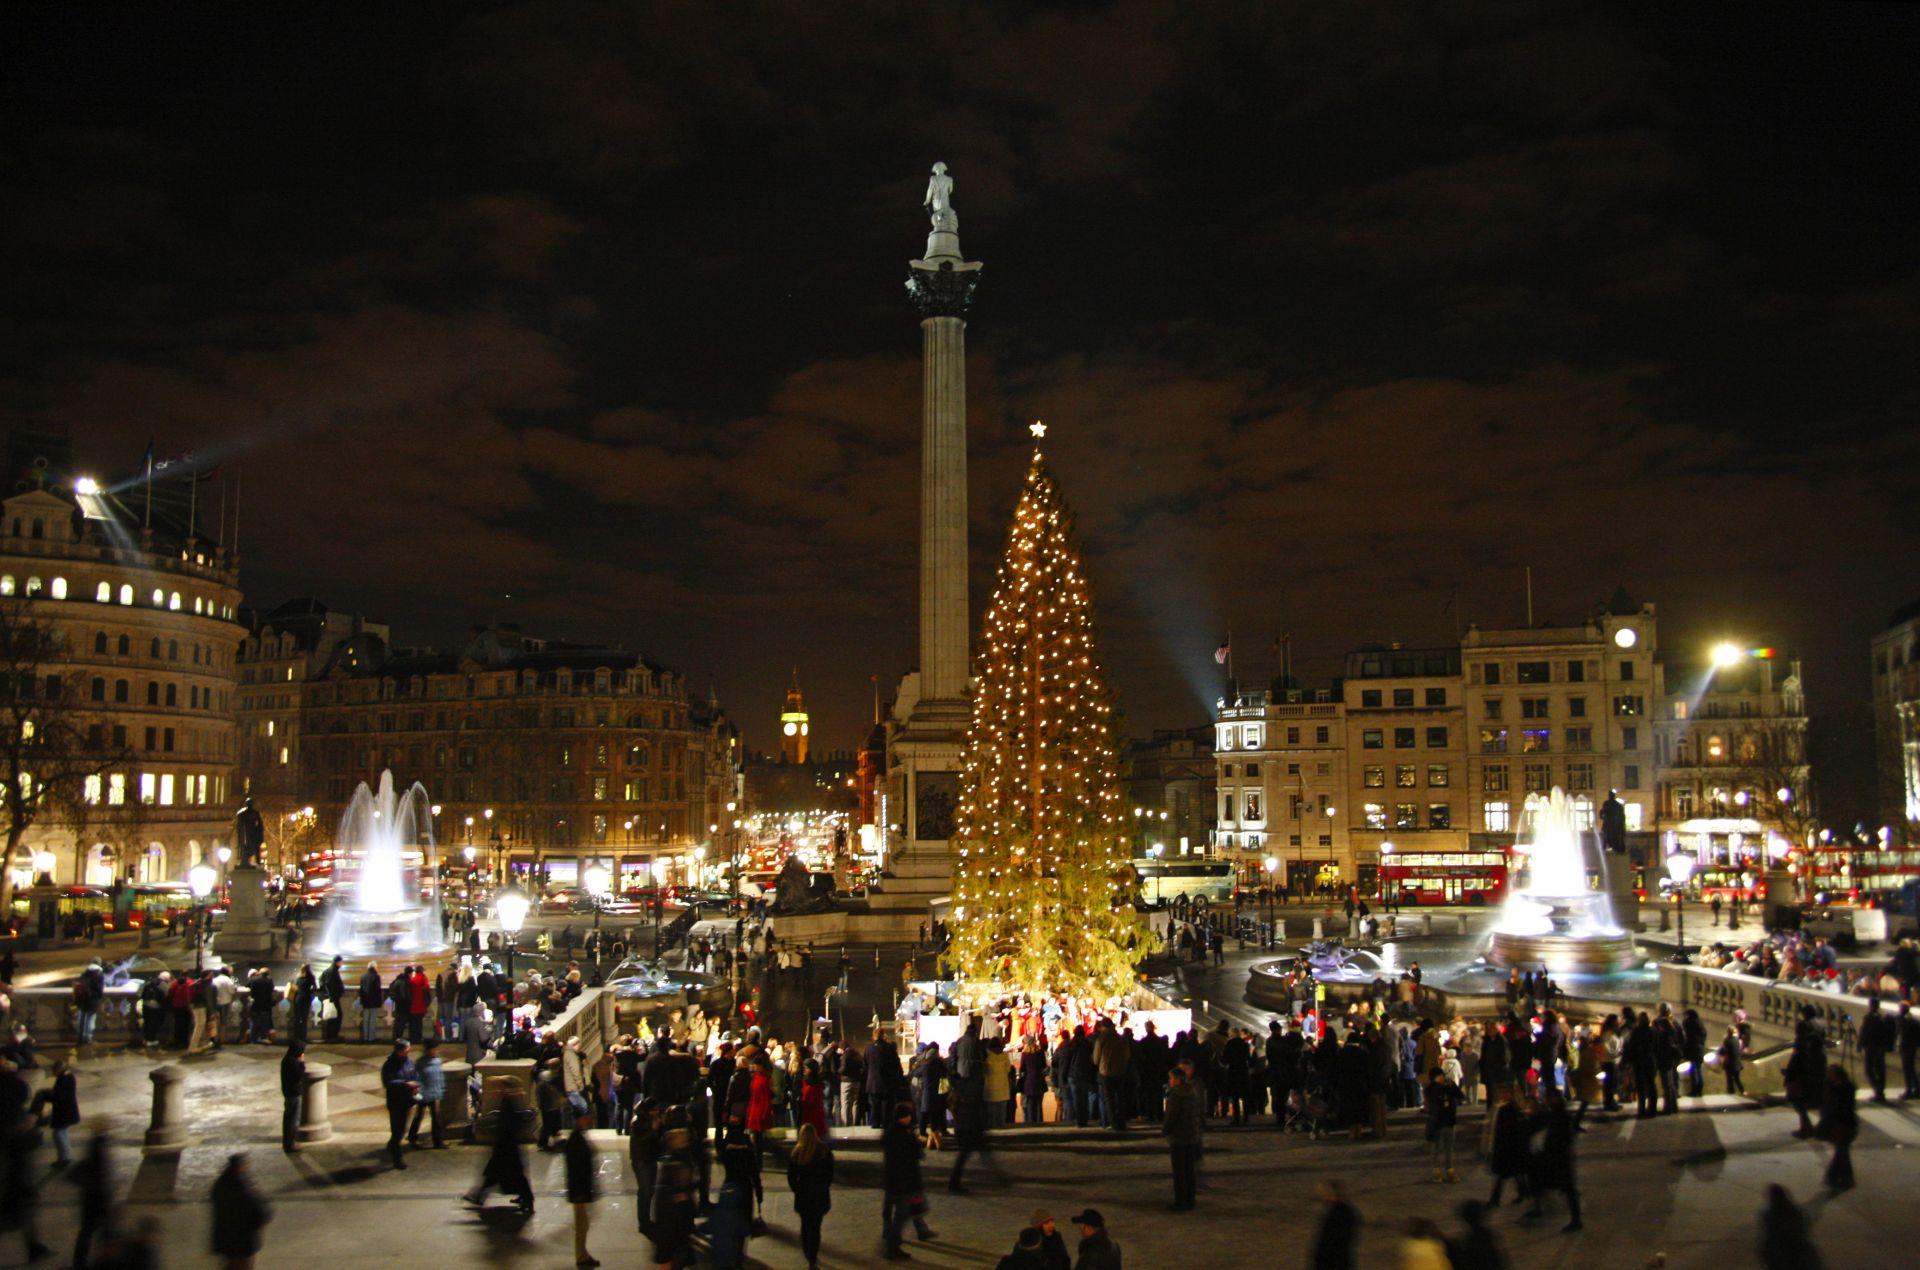 7. Trafalgar Square Christmas .jpg